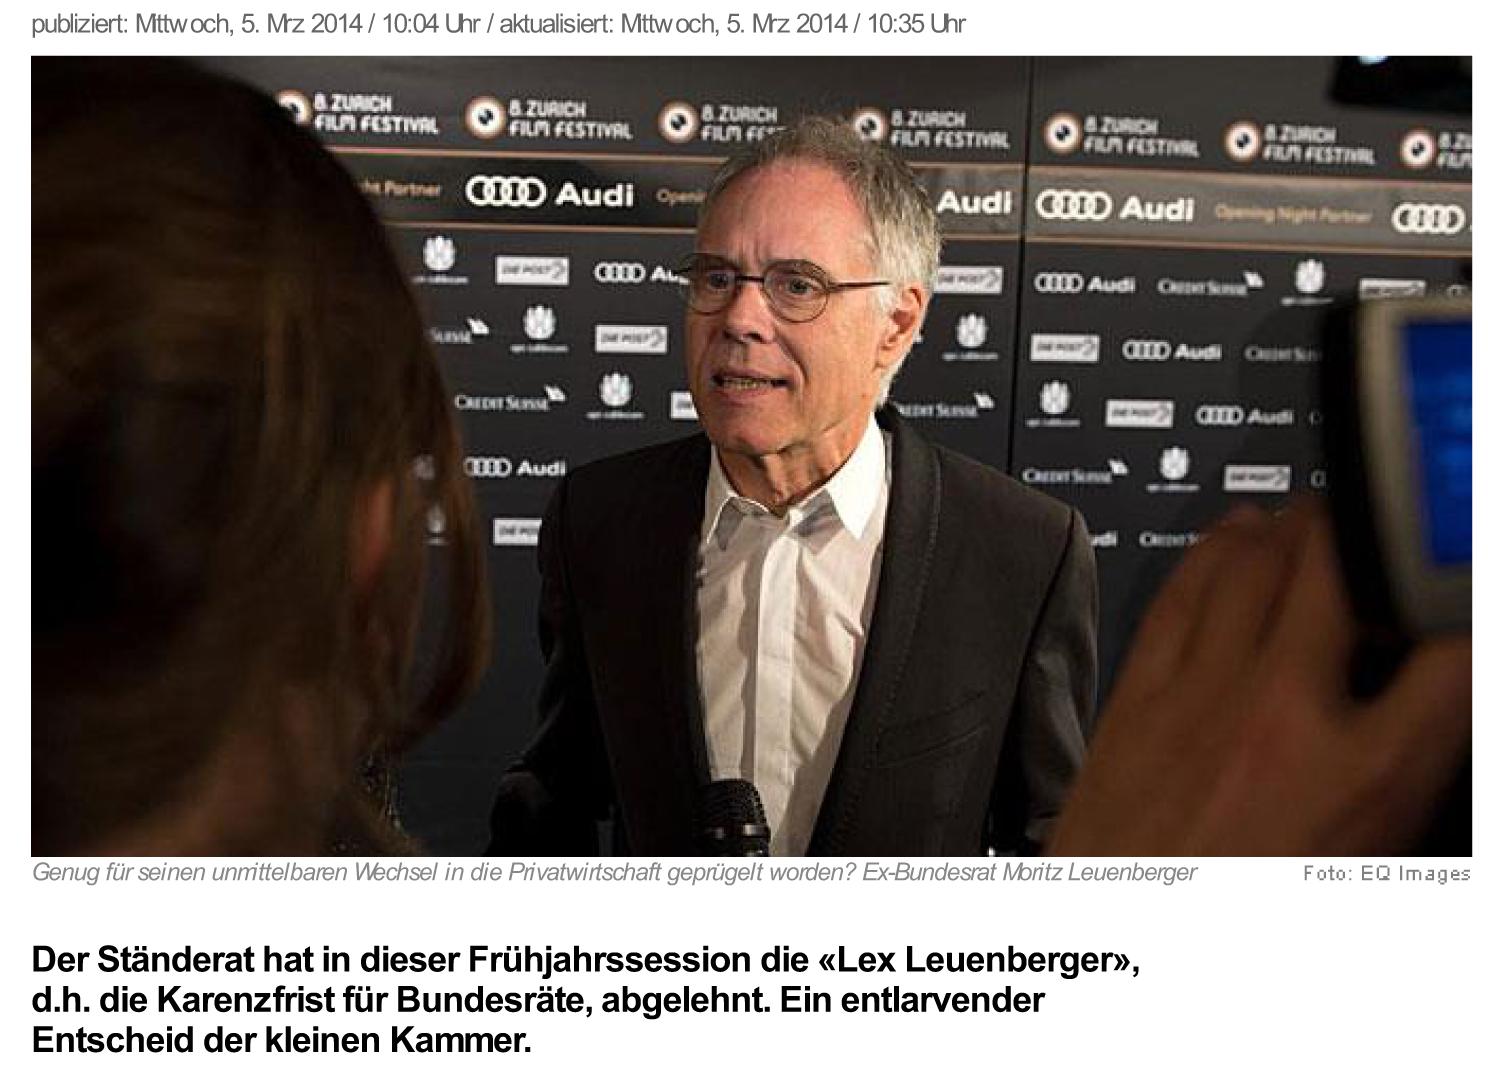 news.ch - Anleitung zur Korruption. Von Regula Stämpfli - Dschu